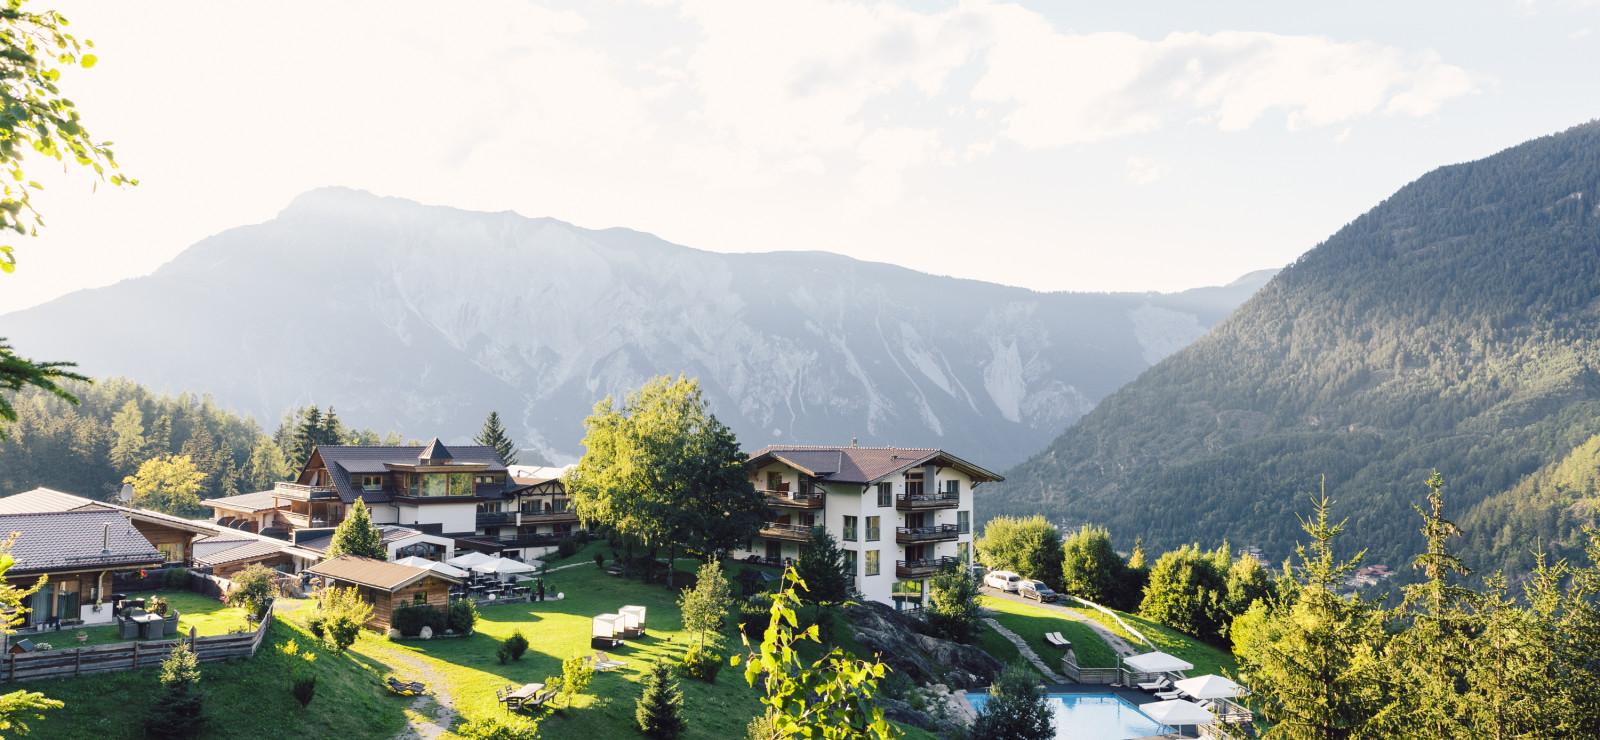 Selfness & Genuss Hotel Ritzlerhof Bilder | Bild 1